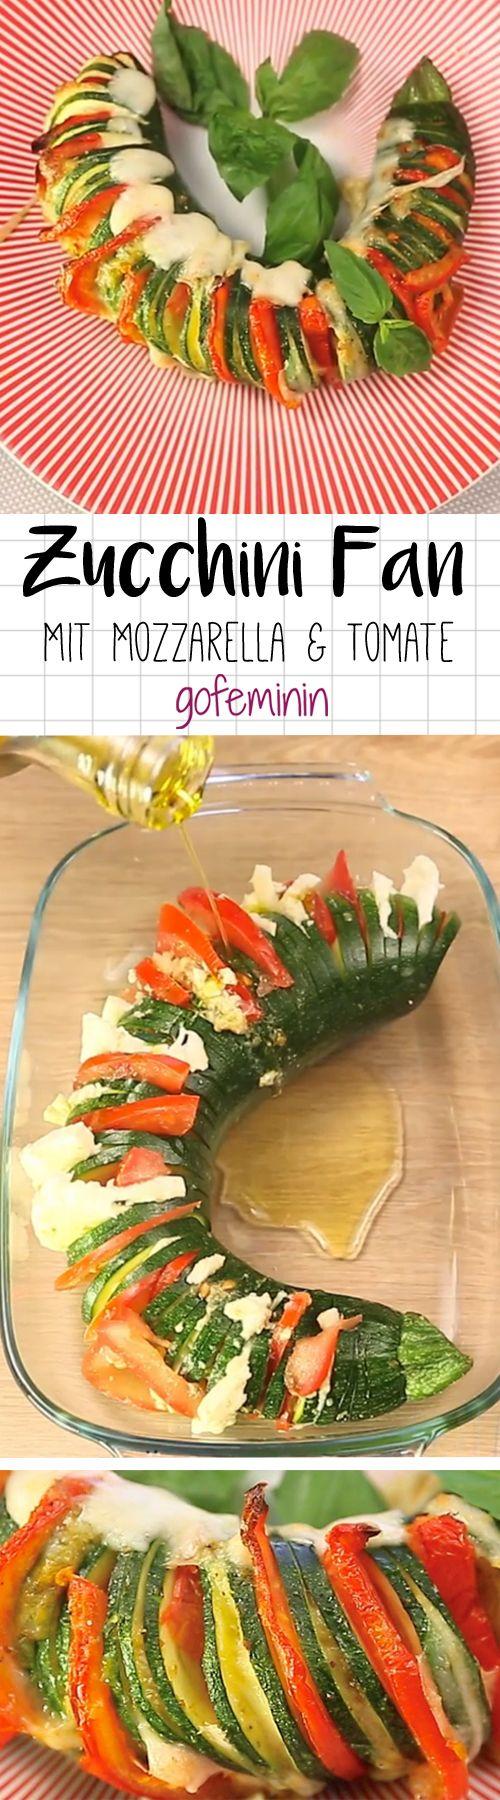 Fächer Zucchini mit Mozzarella, Pesto und Tomate - so lecker!